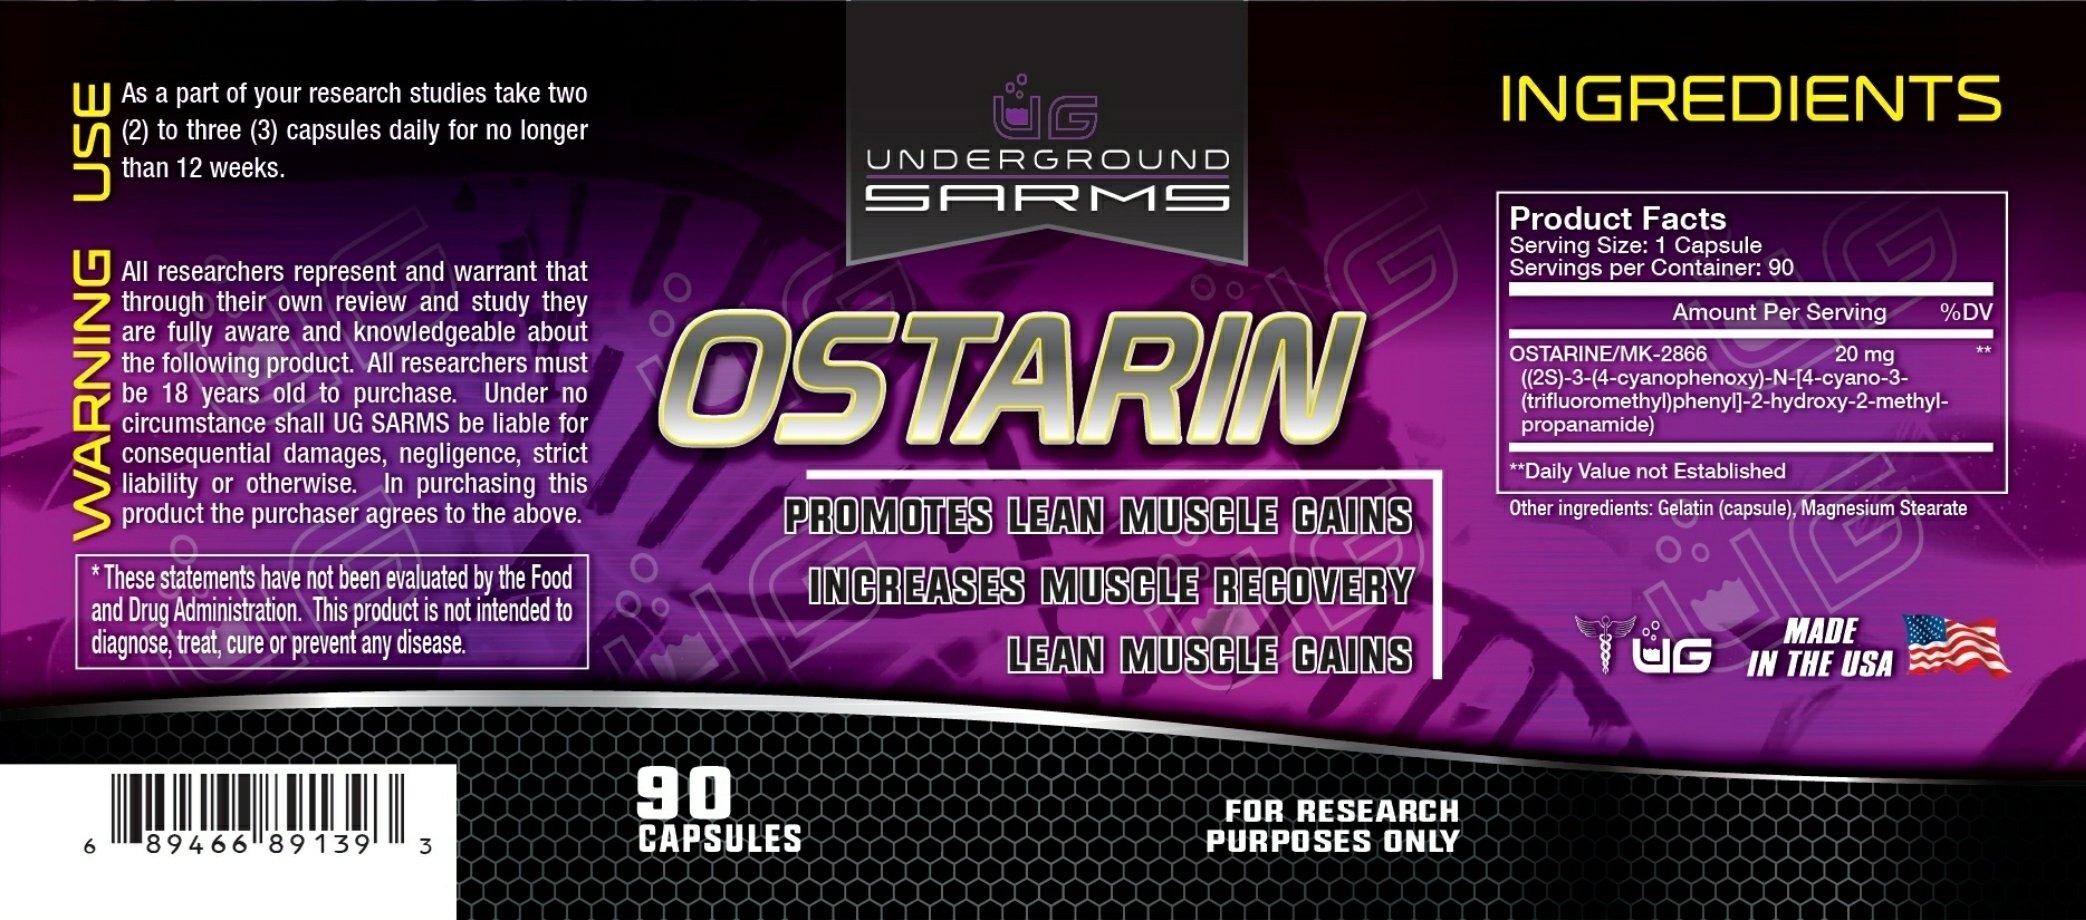 UG SARMS - OSTARIN